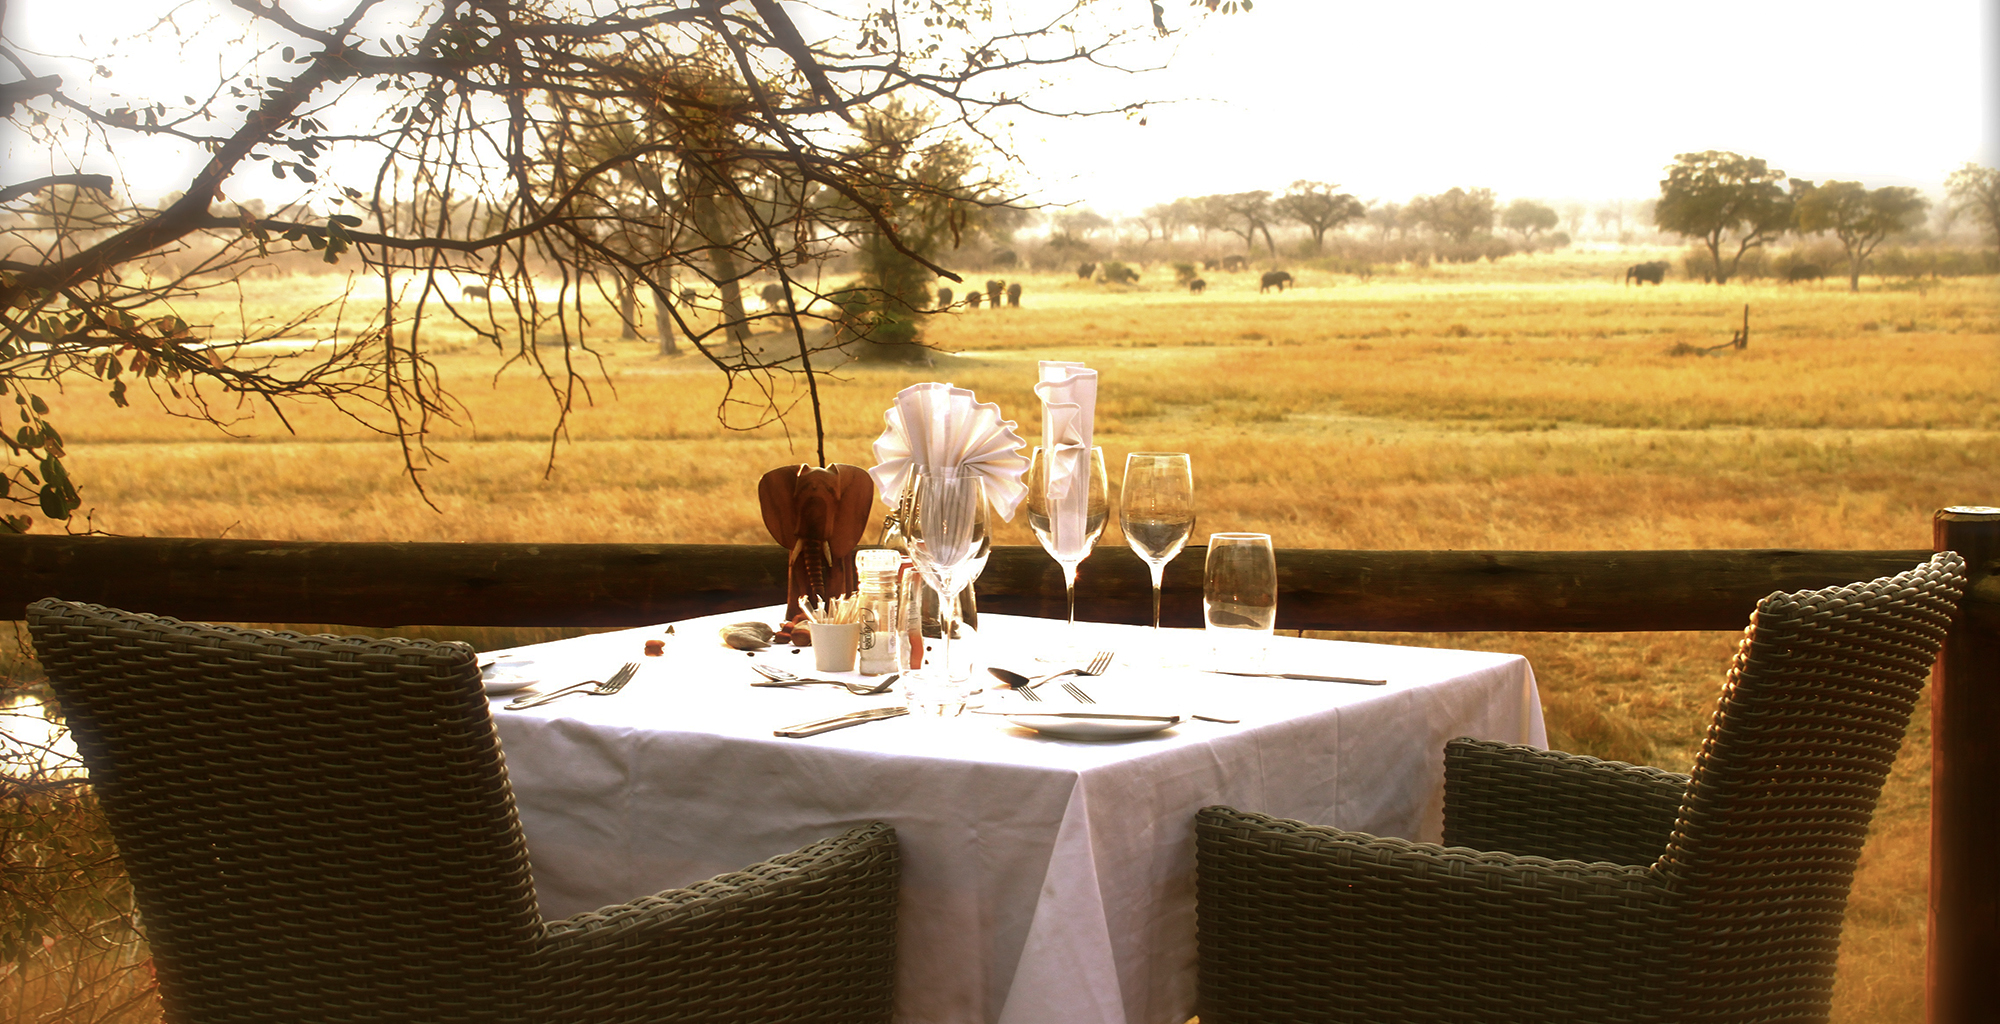 Namibia-Nambwa-Lodge-Dining-Deck